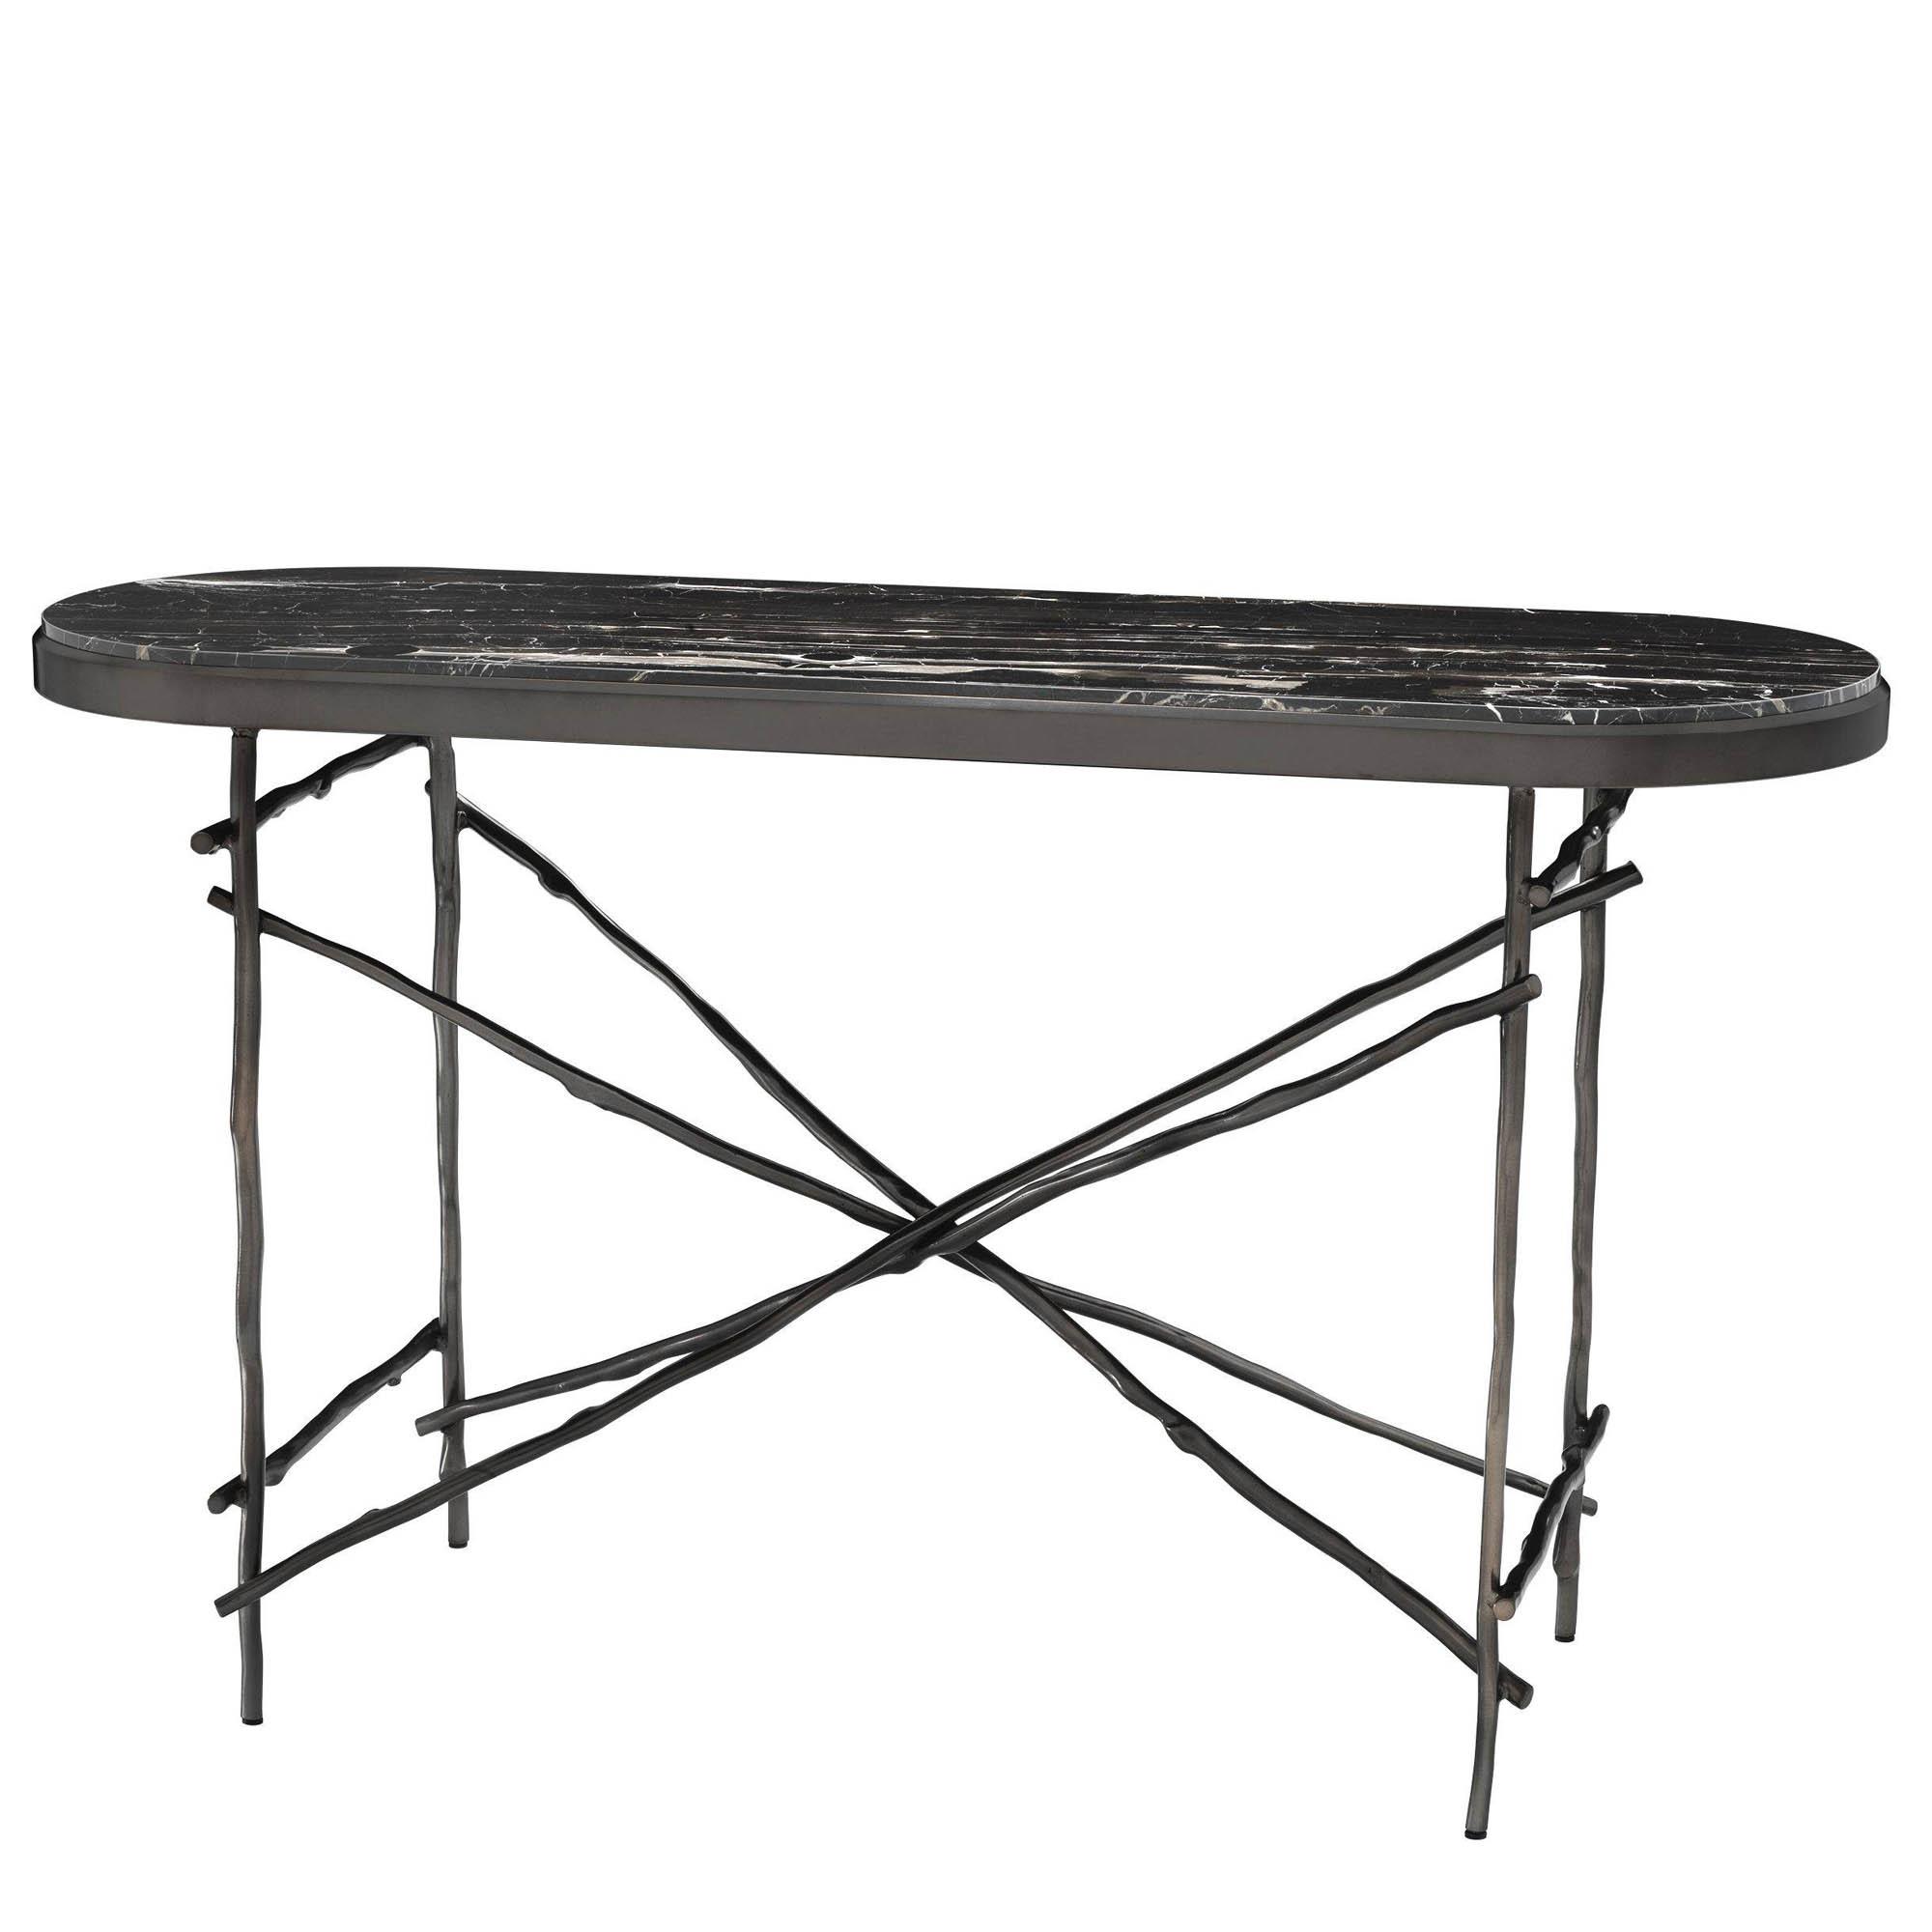 Sidetable Met Marmer.Eichholtz Side Table Zwart Met Zwart Marmer Blad Berlano Interieur